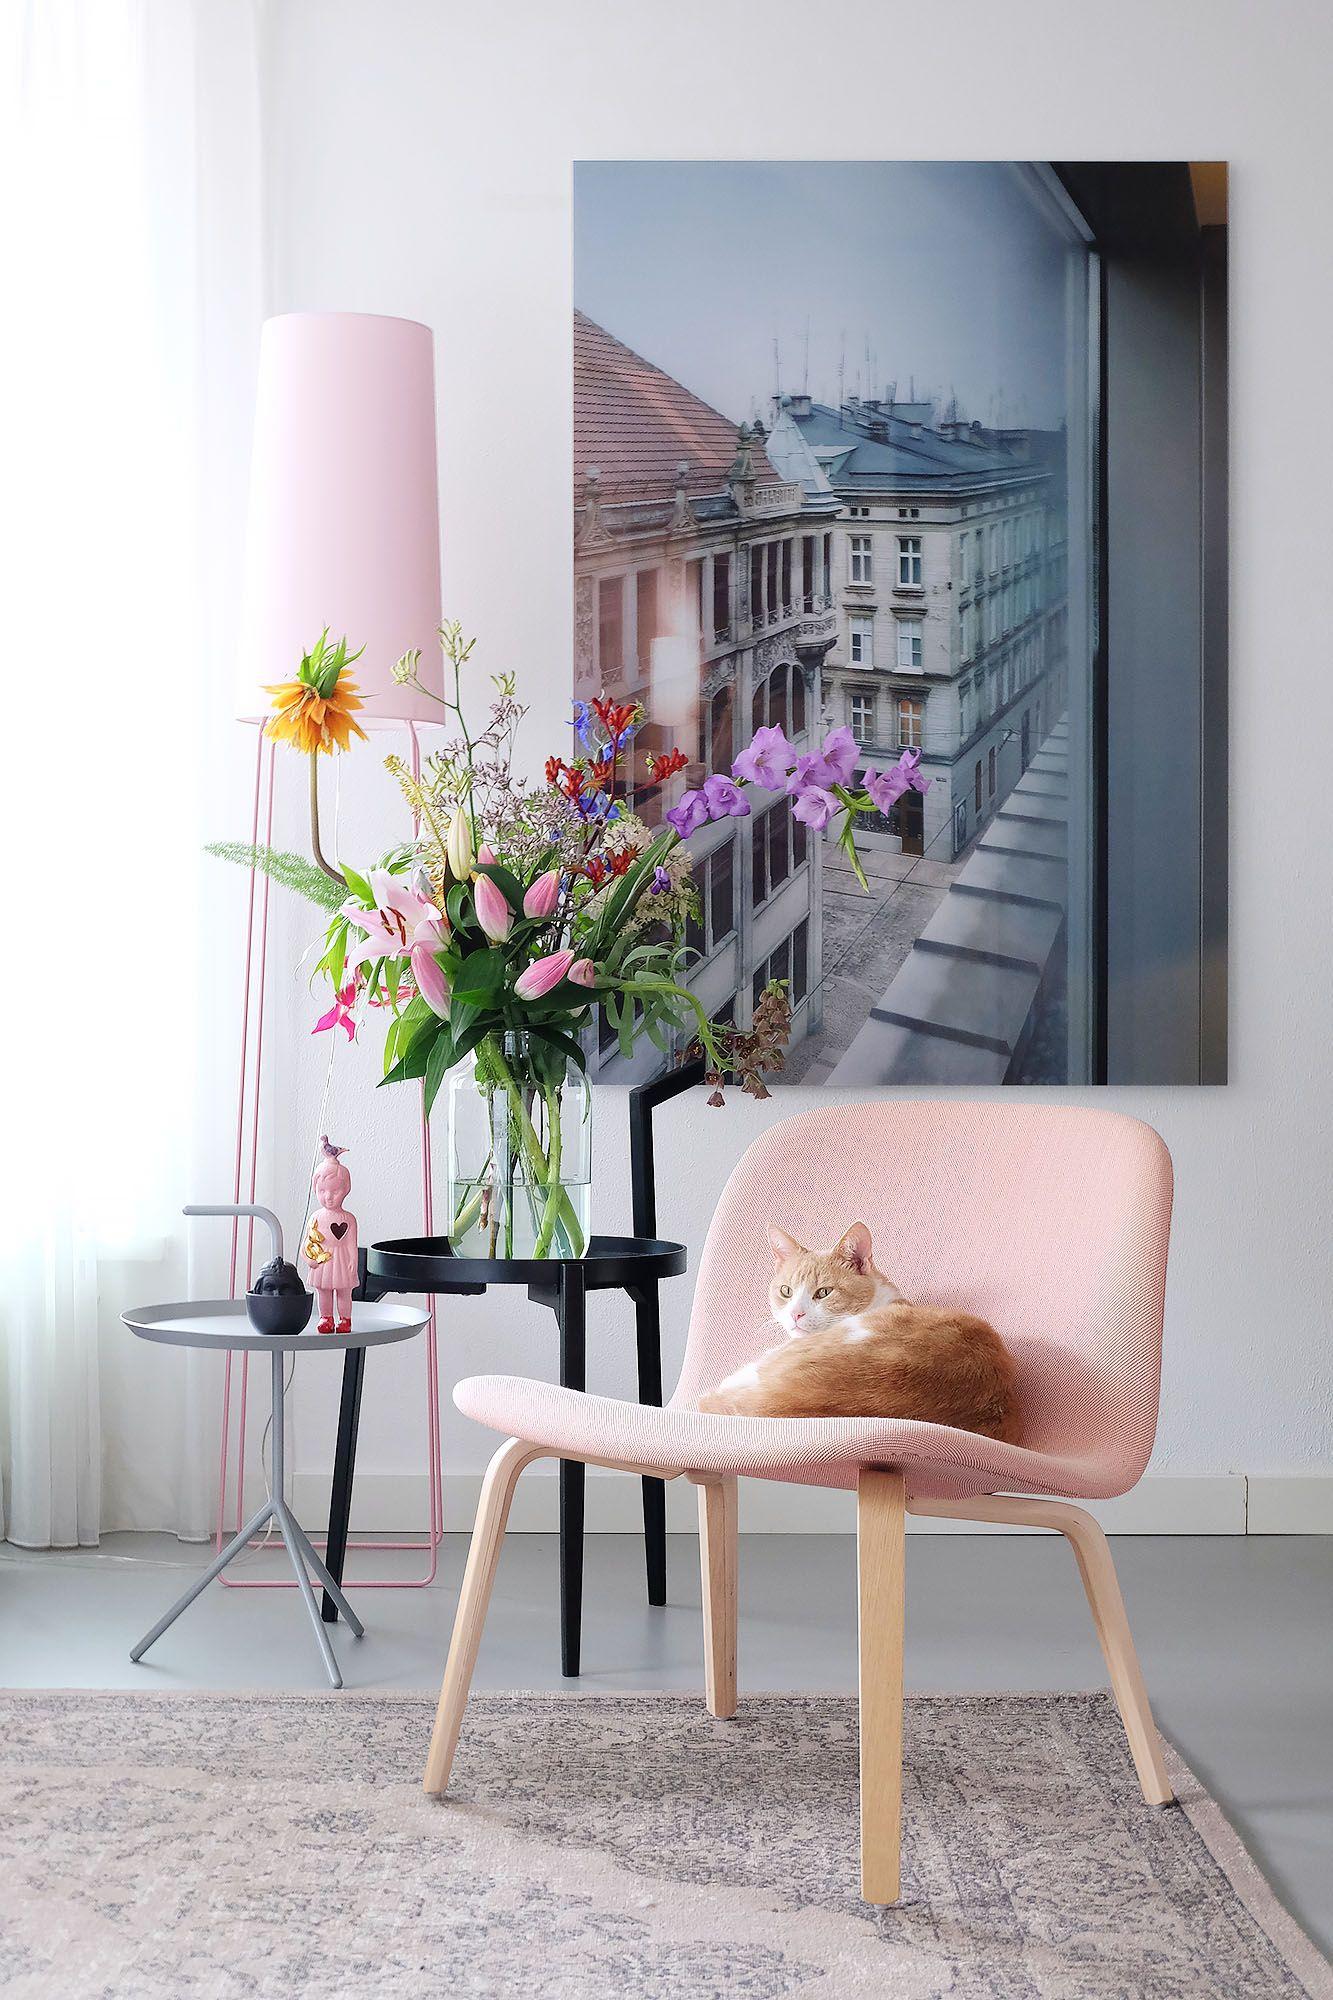 interior inspiration roze in huis via vtwonen tekst. Black Bedroom Furniture Sets. Home Design Ideas